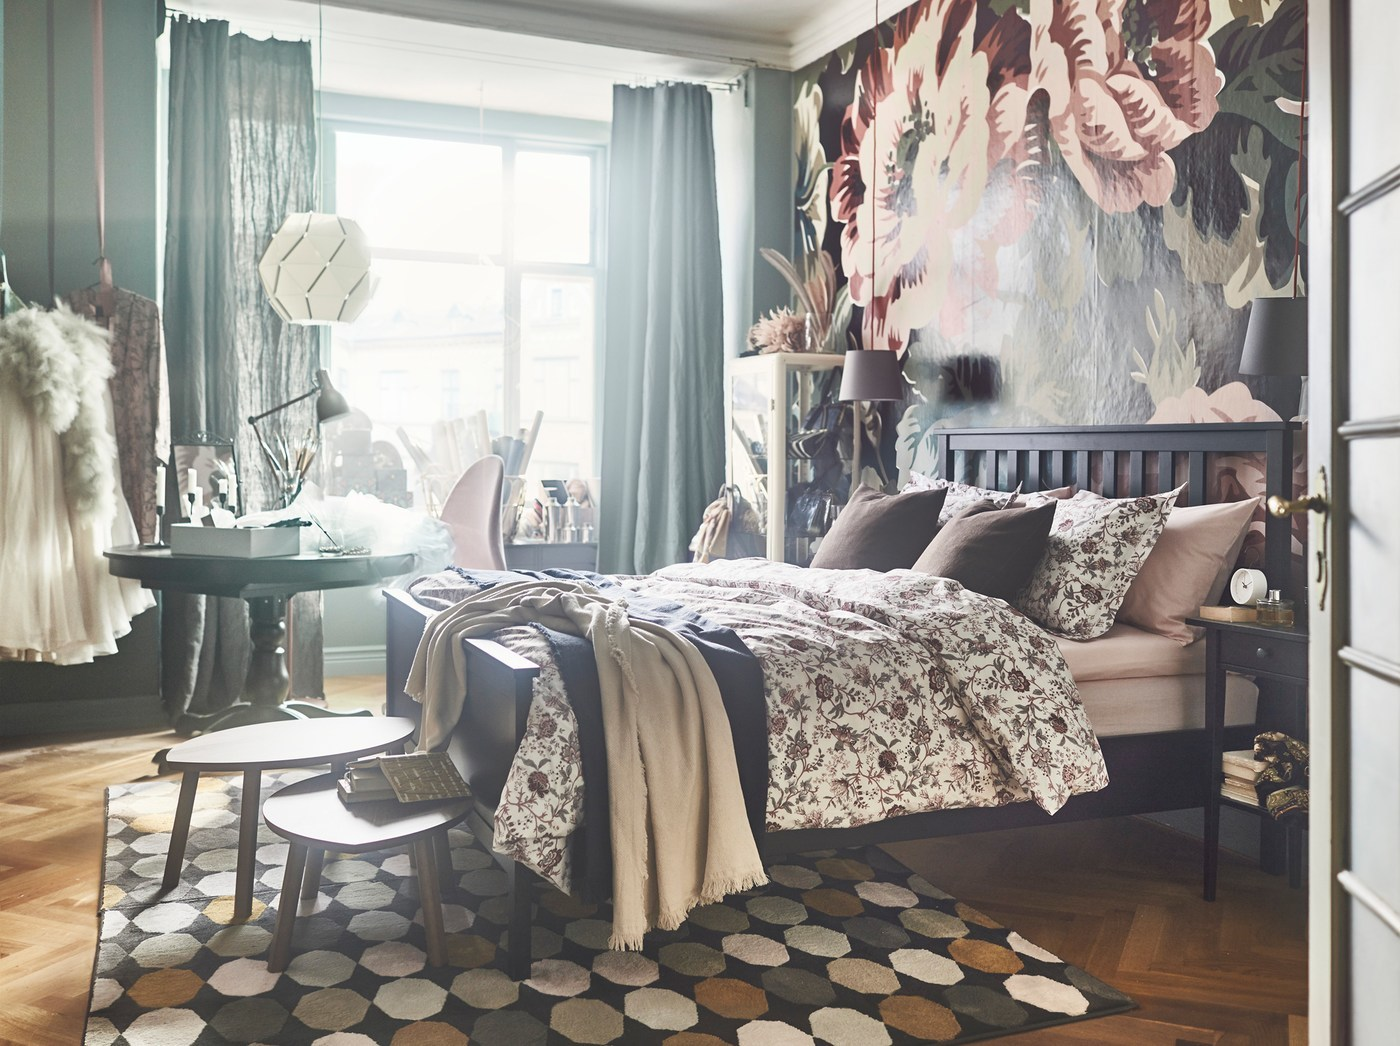 Schlafzimmer & Schlafzimmermöbel für dein Zuhause - IKEA